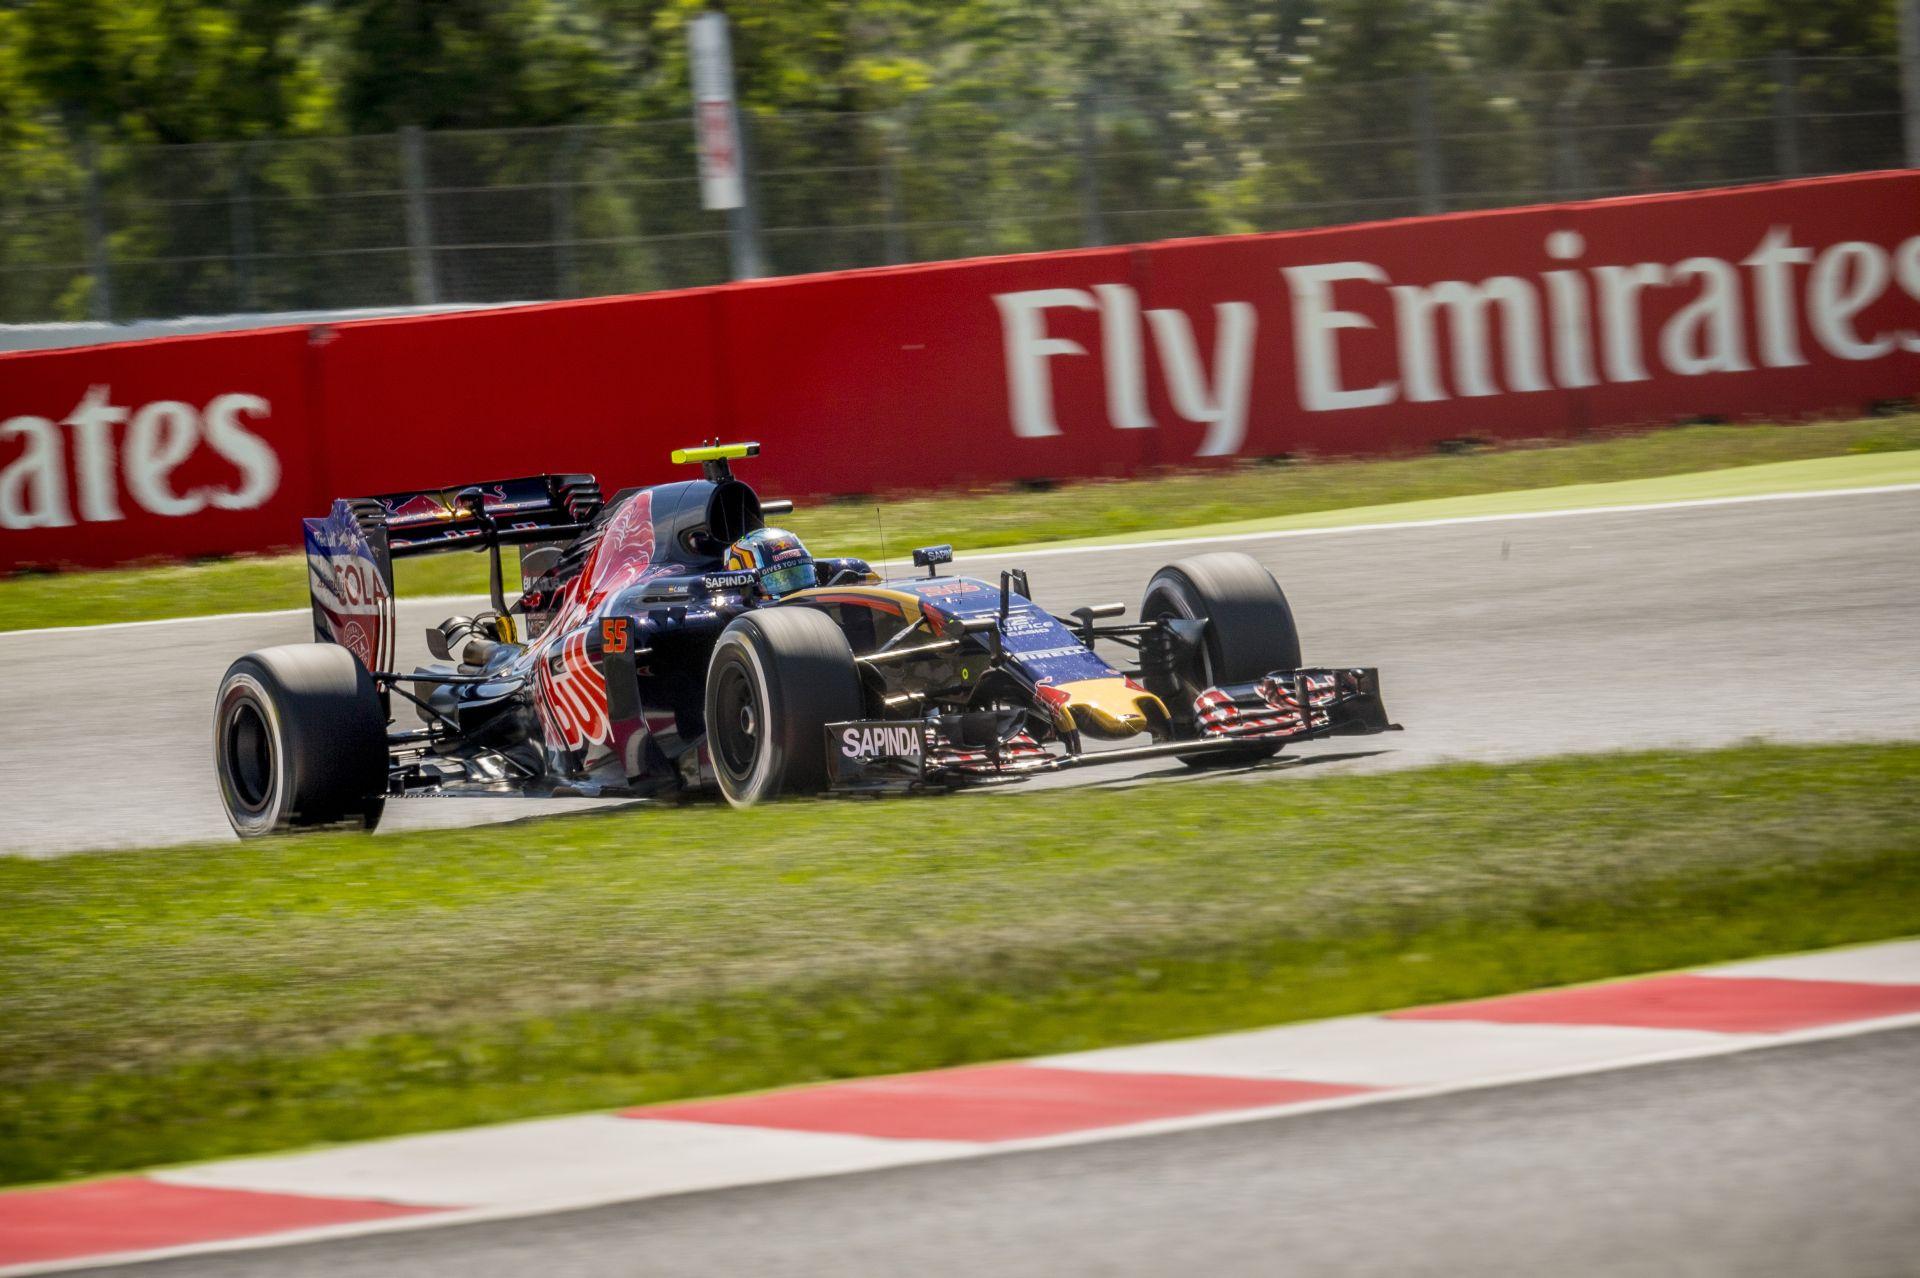 A Toro Rosso ugyanolyan specifikációjú motort akar jövőre, mint a Ferrarié!